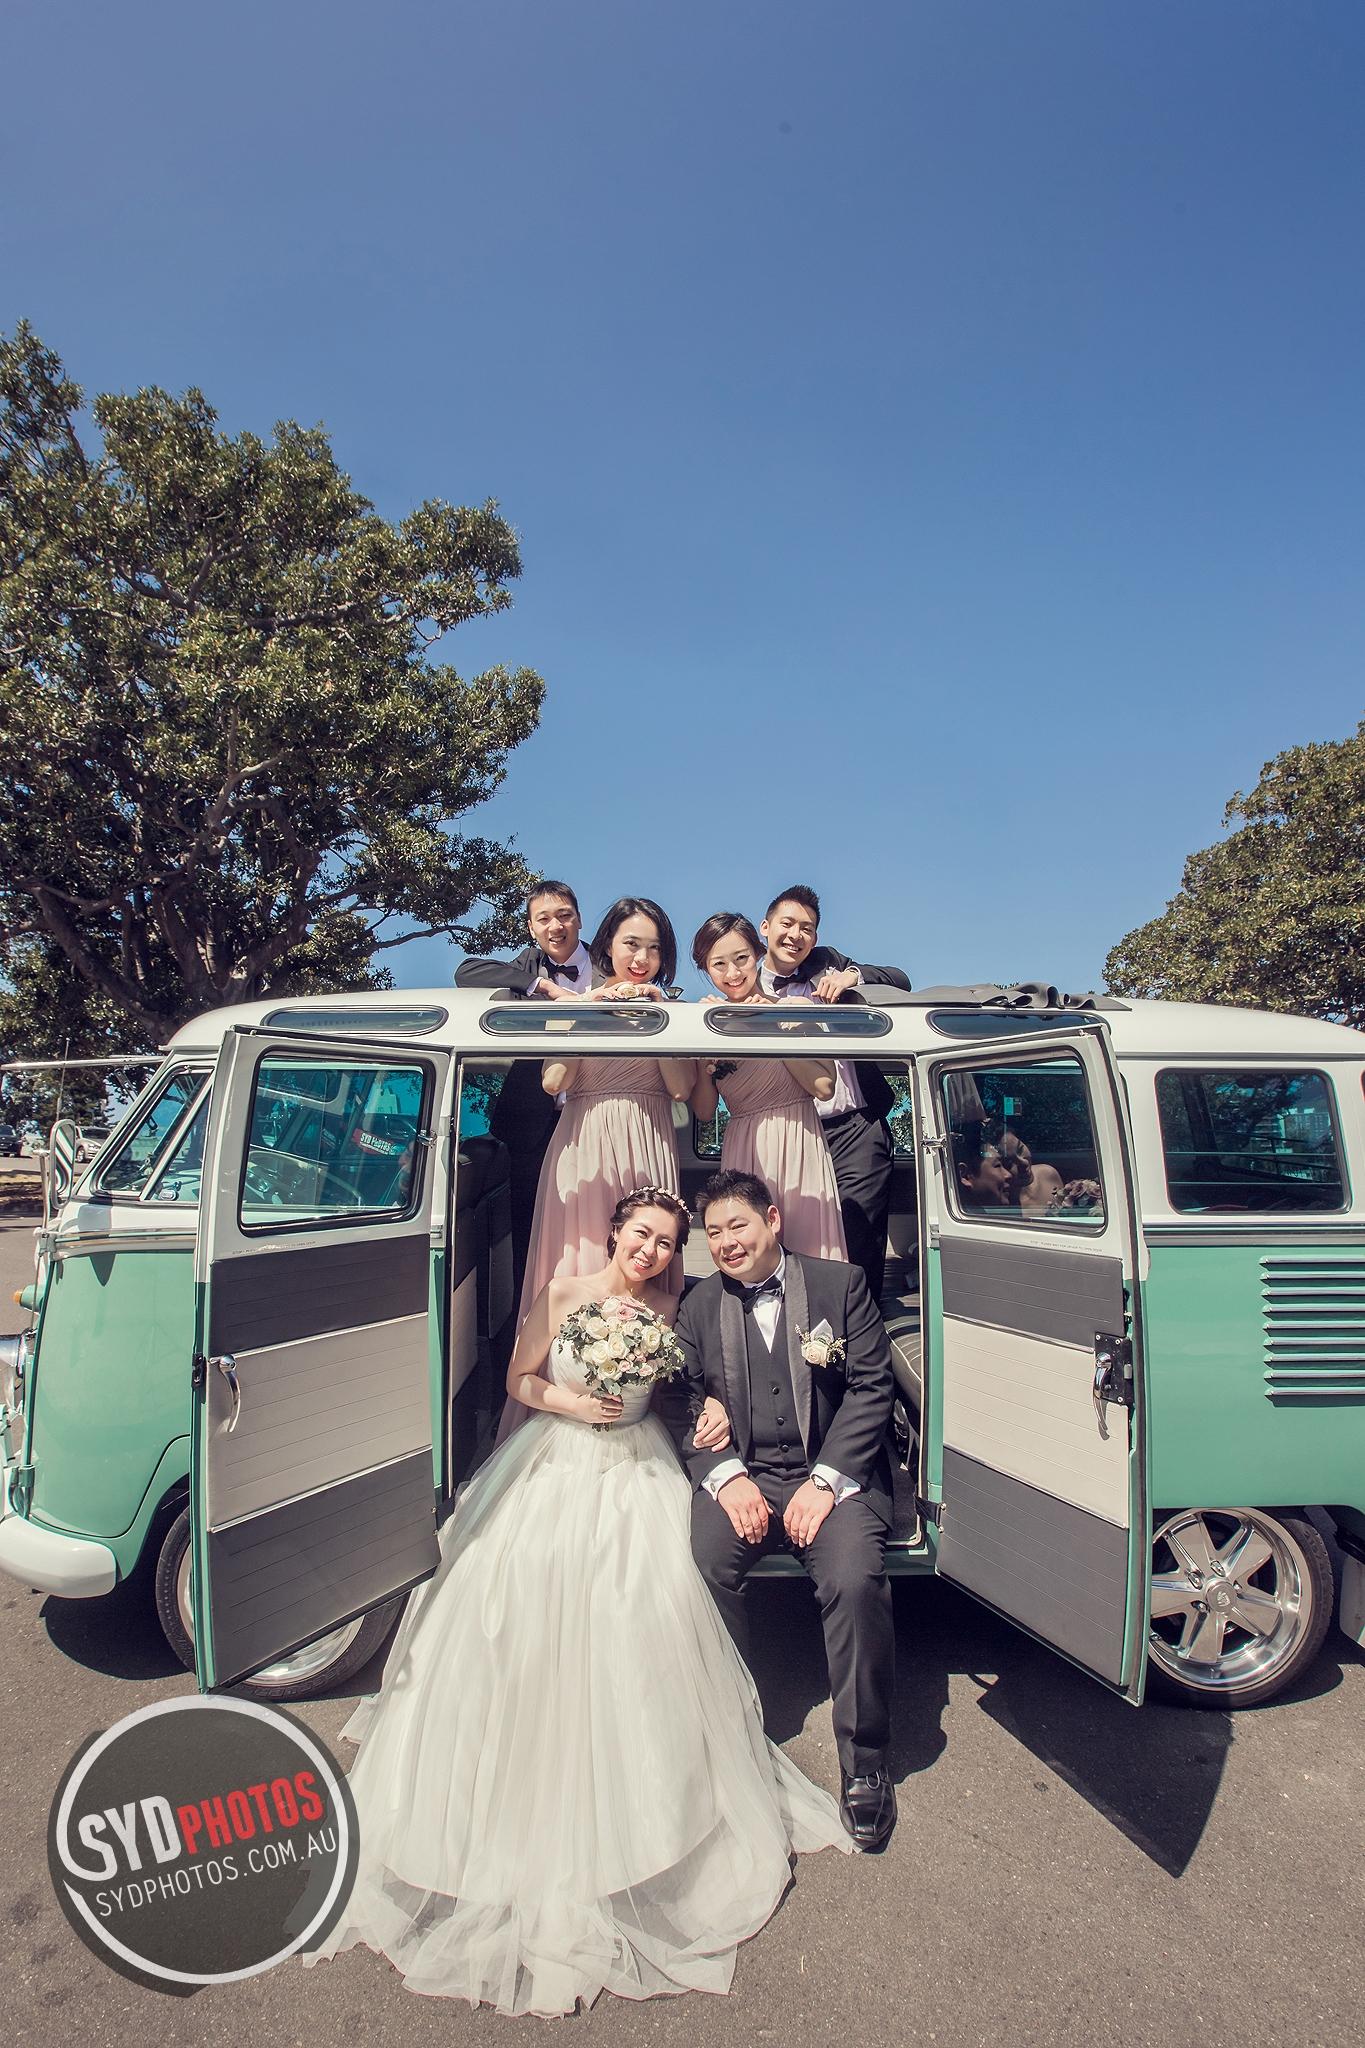 ID-87727-Rae-Wedding-悉尼婚礼摄影